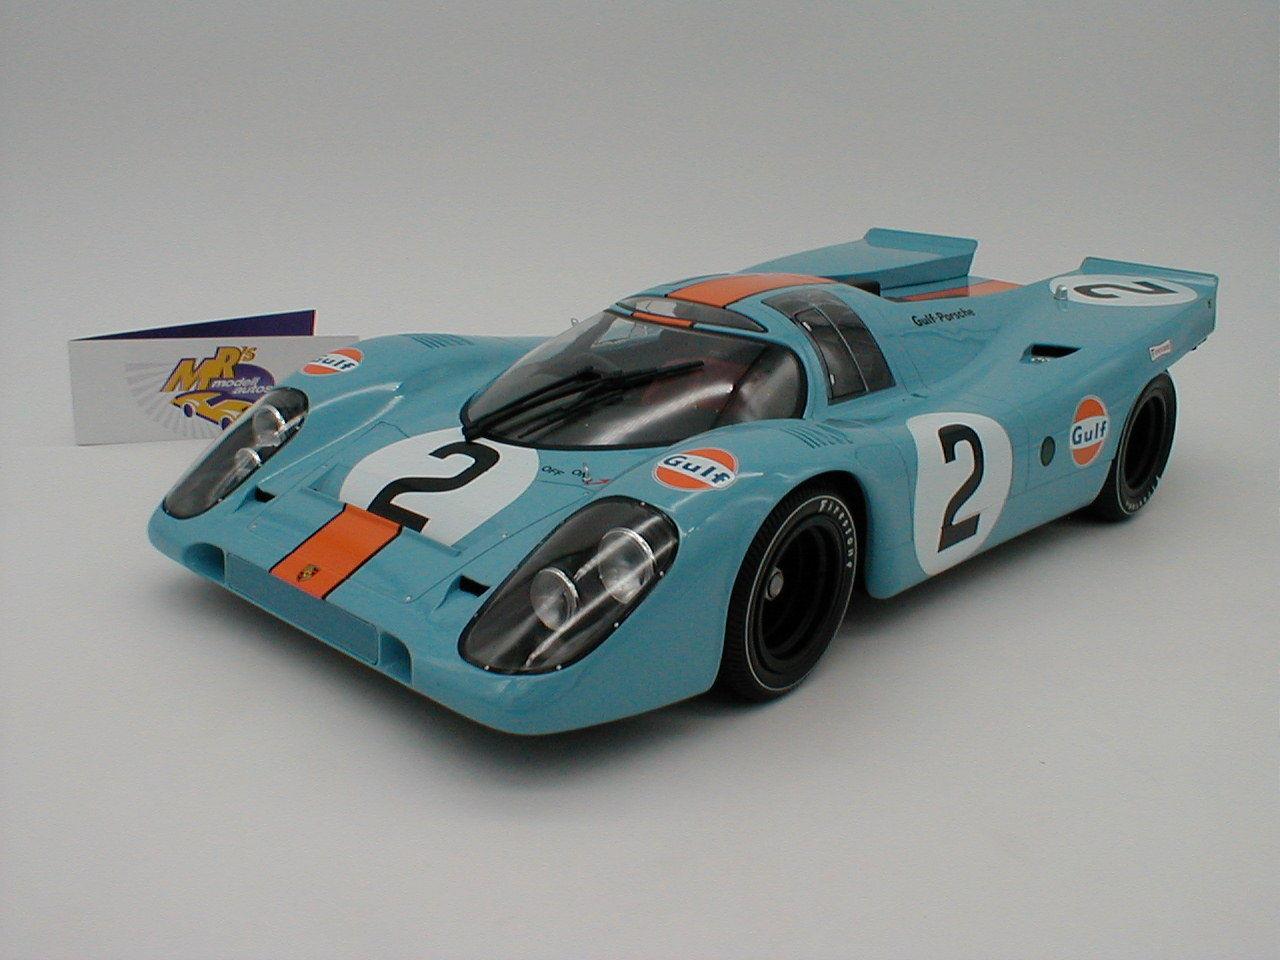 MINICHAMPS 125706602-Porsche 917k vainqueur vainqueur vainqueur 24 H DAYTONA 1970 No. 2 1 12 Nouveau 8e5d8d